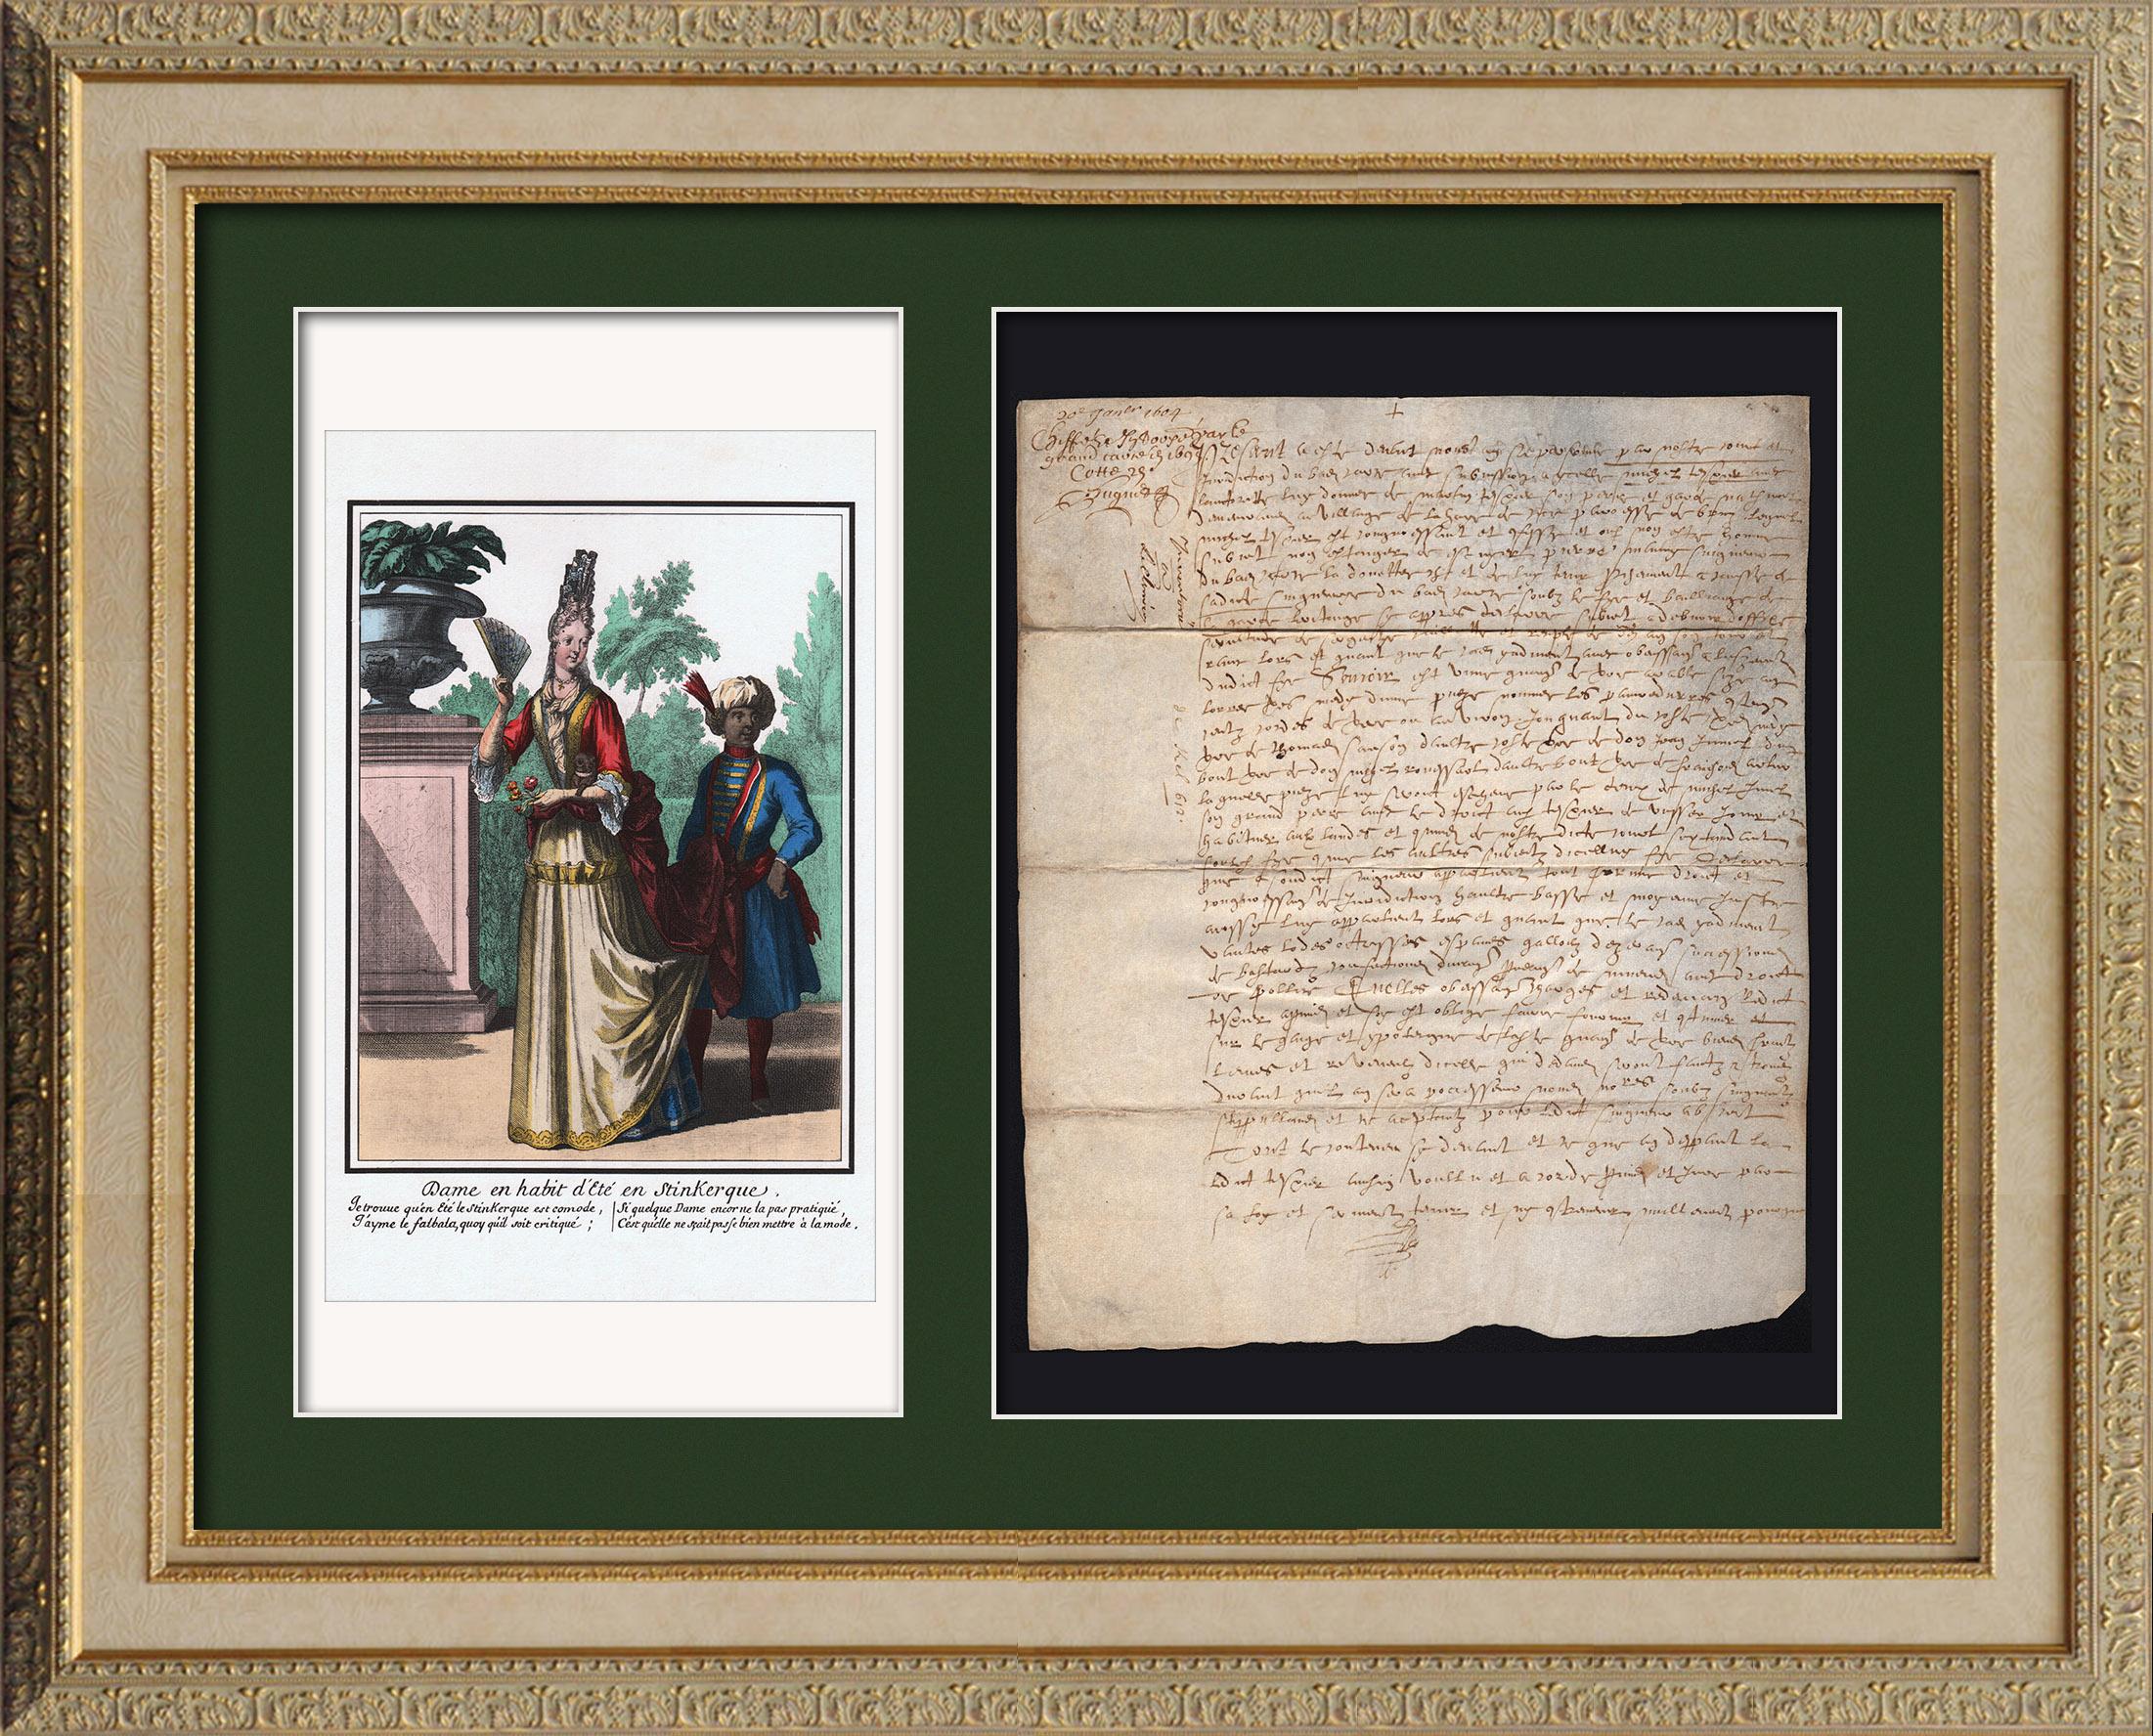 Document Historique sur Parchemin - Règne de Louis XIII de France - 1604 - France XVIIème Siècle   Document manuscrit original daté du 20 Janvier 1604 et gravure sur acier originale d'après Robert Bonnart